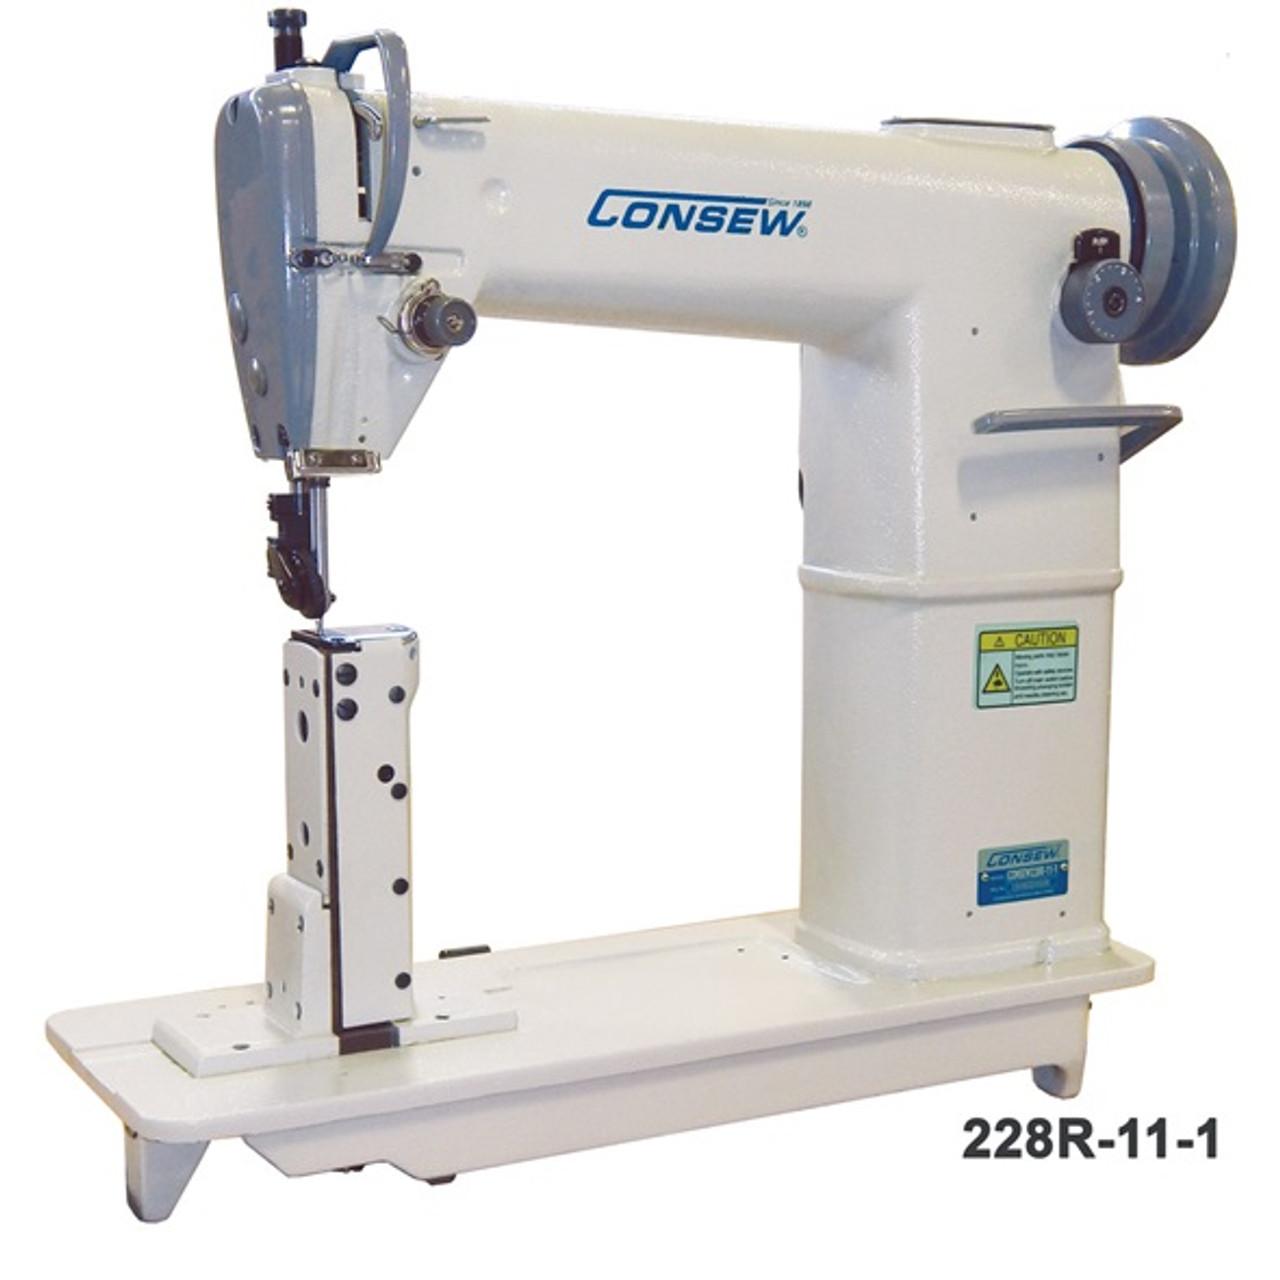 Consew 228R-11-1